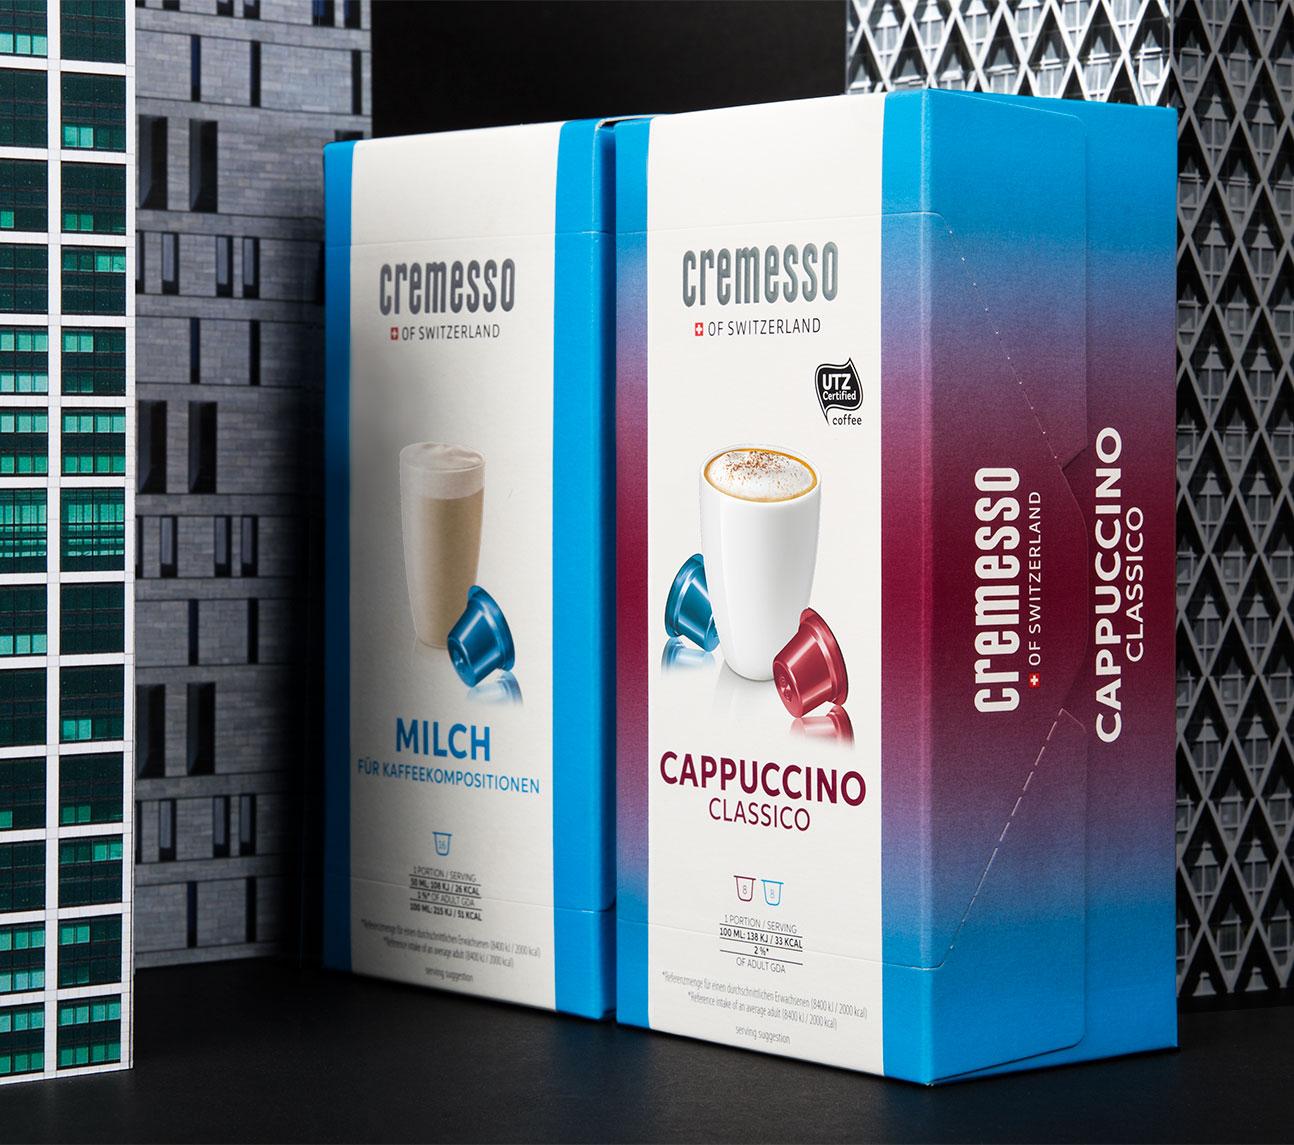 Gallery_Cremesso_Delica_Kaffee_Marke_Design_14